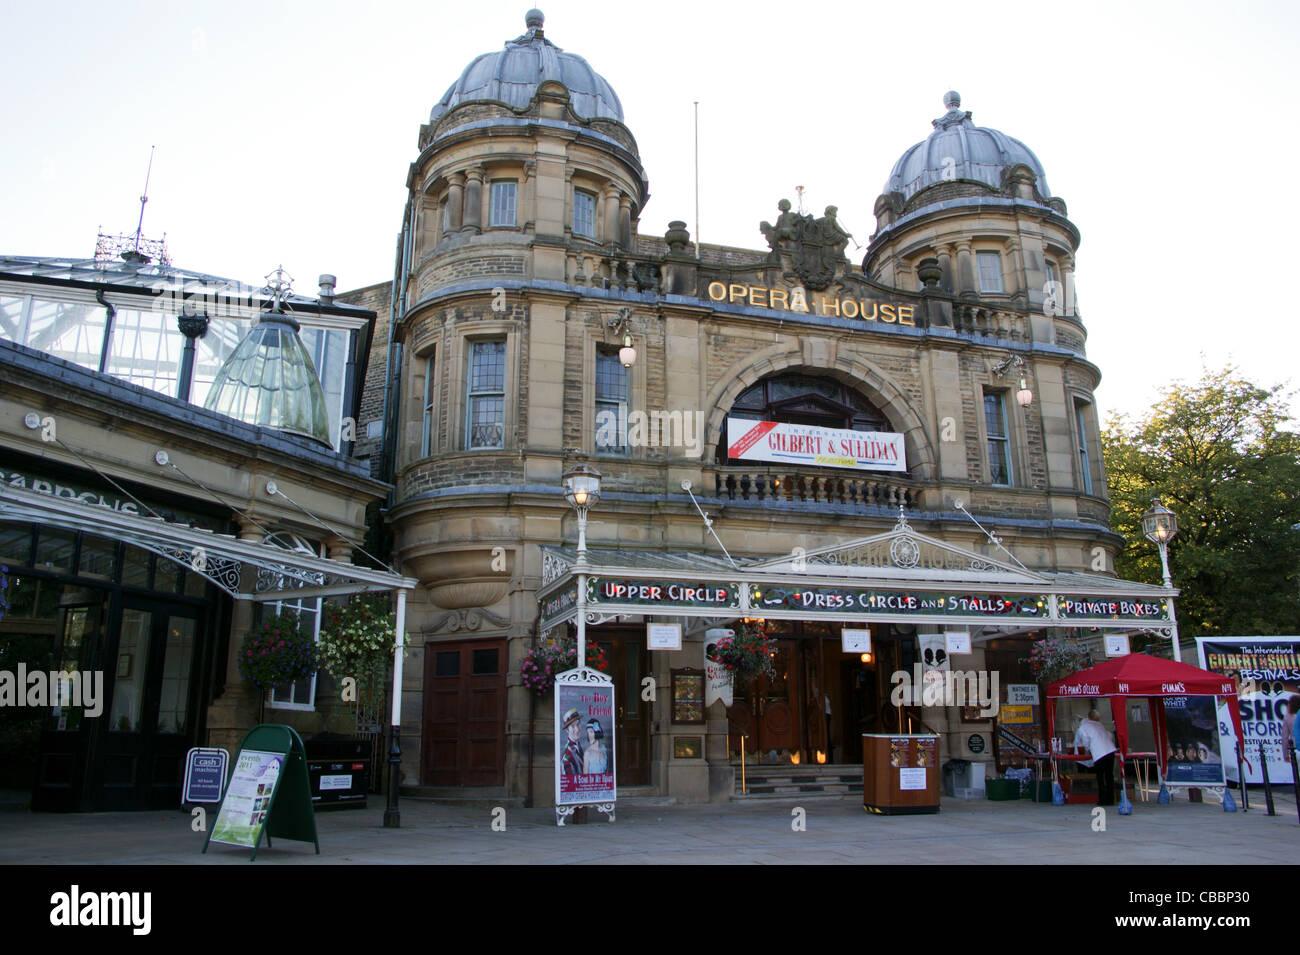 Buxton Opera House designed by Frank Matcham, Buxton, Derbyshire, England - Stock Image